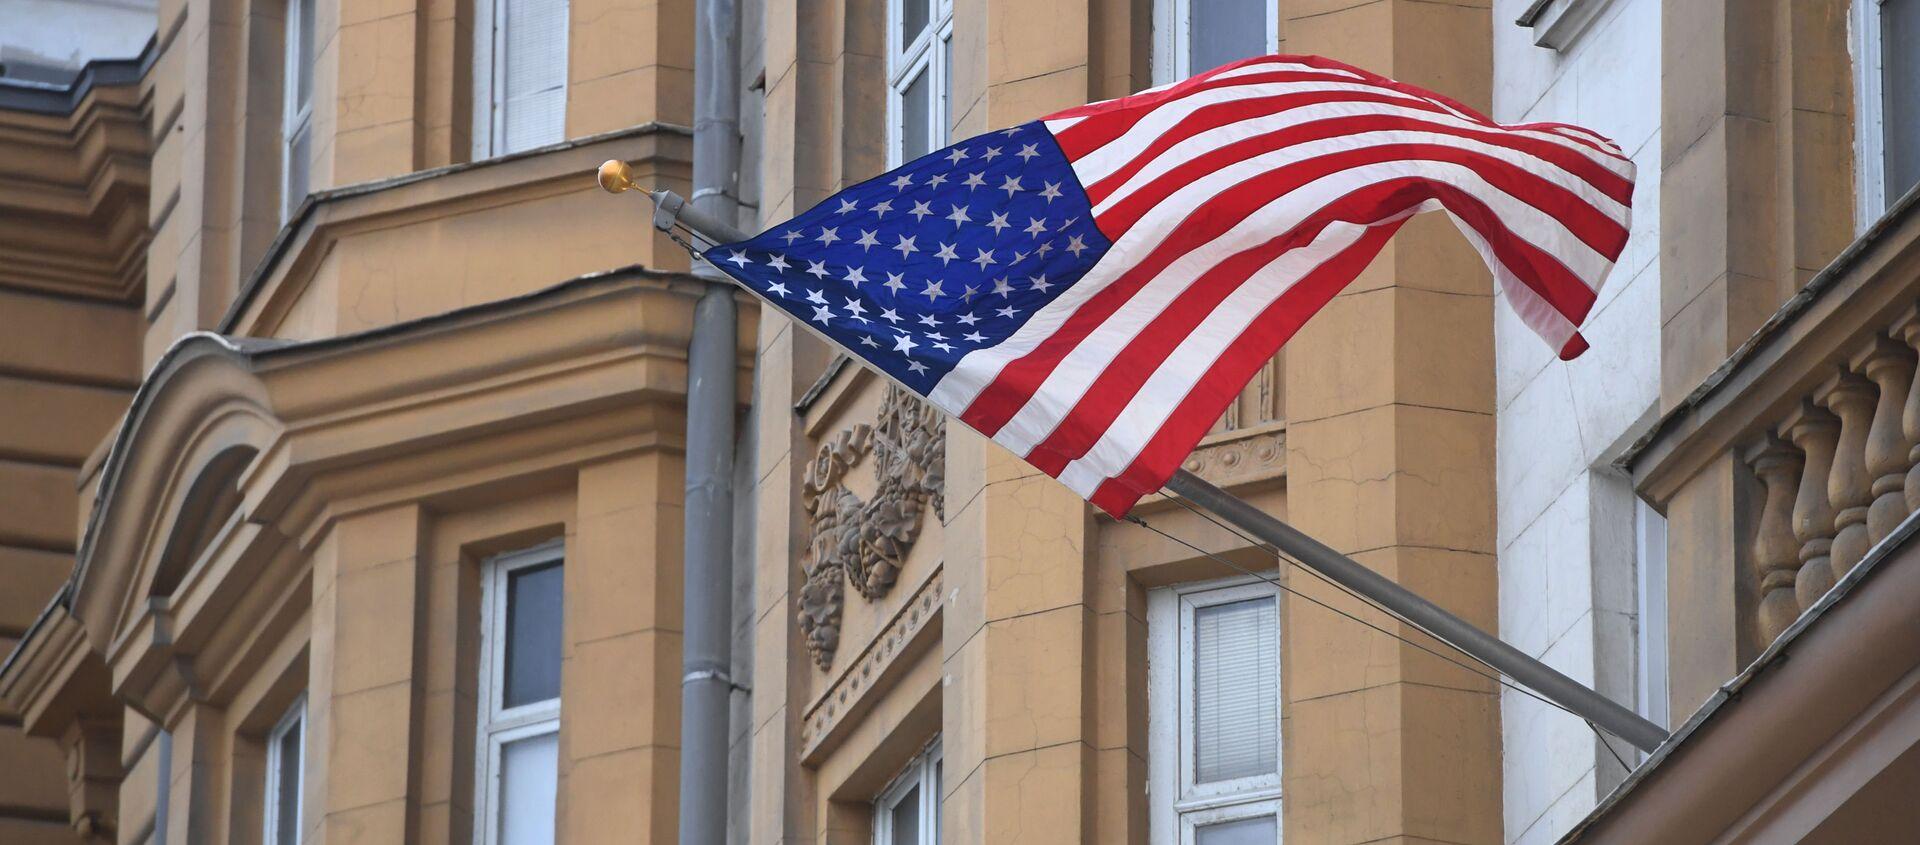 Quốc cờ Mỹ trên tòa nhà Đại sứ quán Mỹ tại Moskva - Sputnik Việt Nam, 1920, 30.04.2021